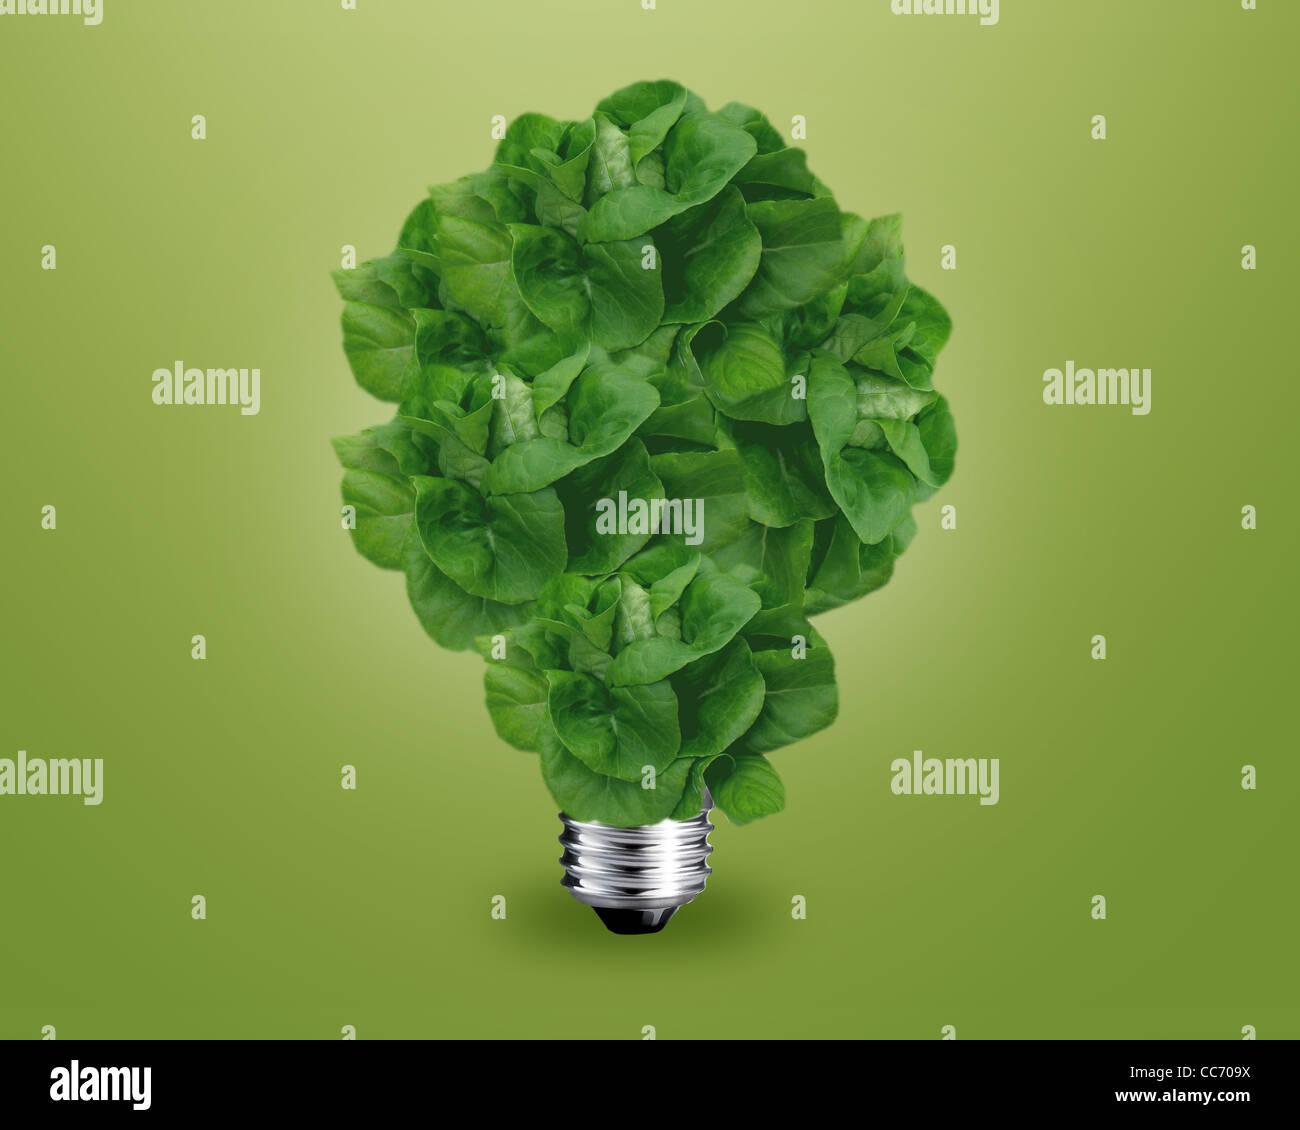 Ökologie-Konzept, grünes Licht Lampe wie ein Baum. Stockbild